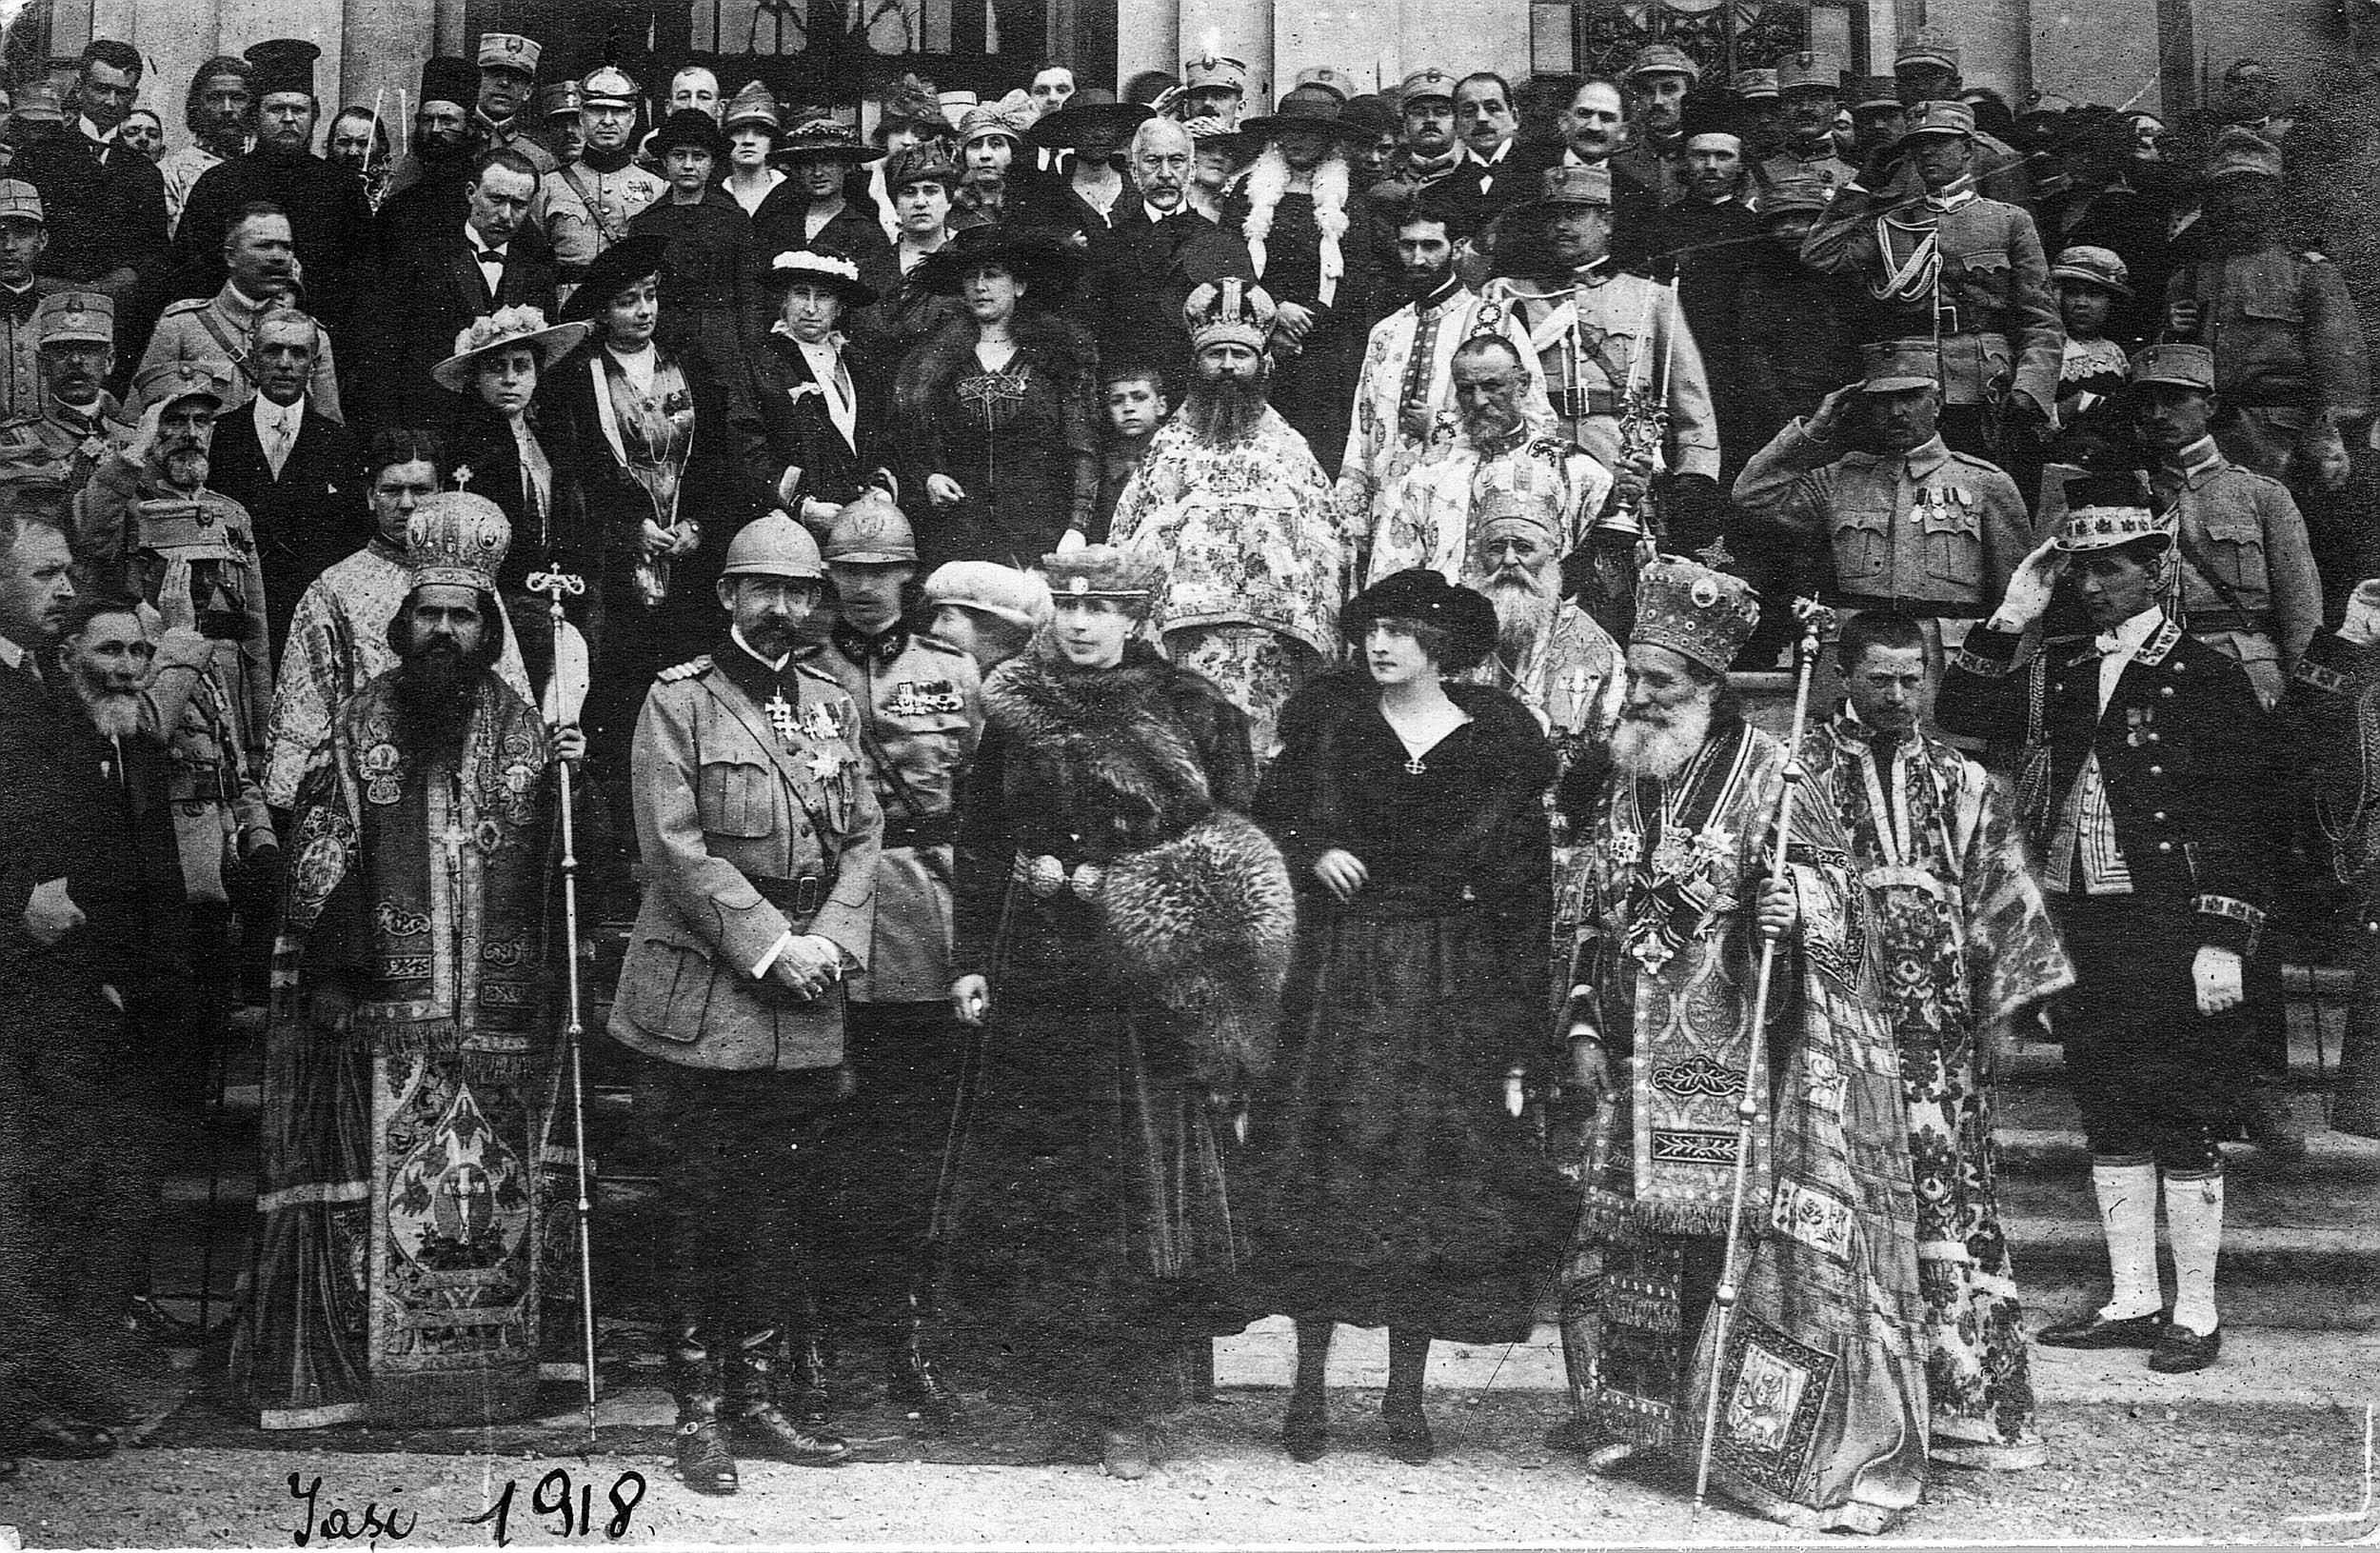 Regele Ferdinand și Regina Maria la serbarea unirii Basarabiei, 30 martie 1918 <br /> Sursă foto: Arhivele Naționale ale României